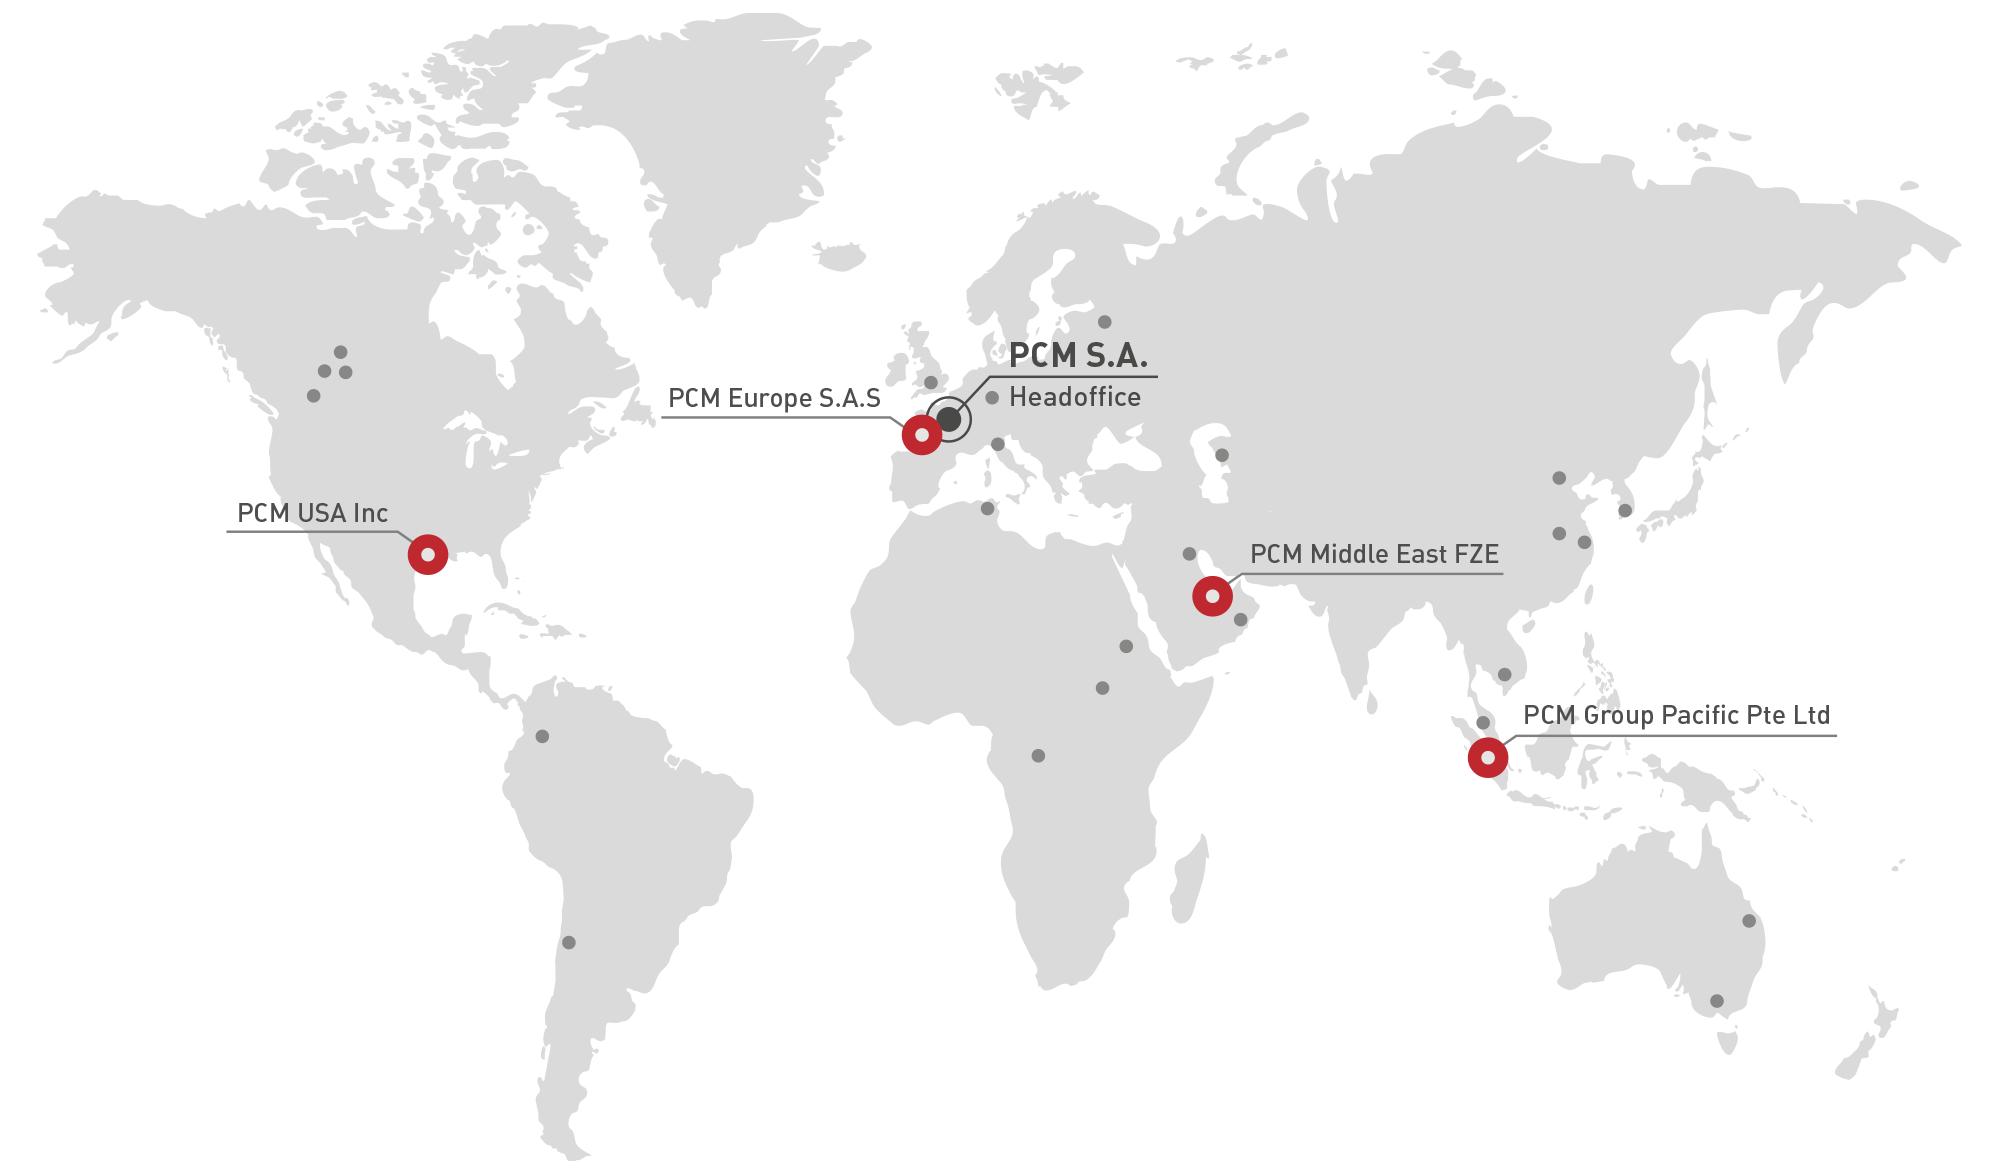 Mappa contatti PCM nel mondo